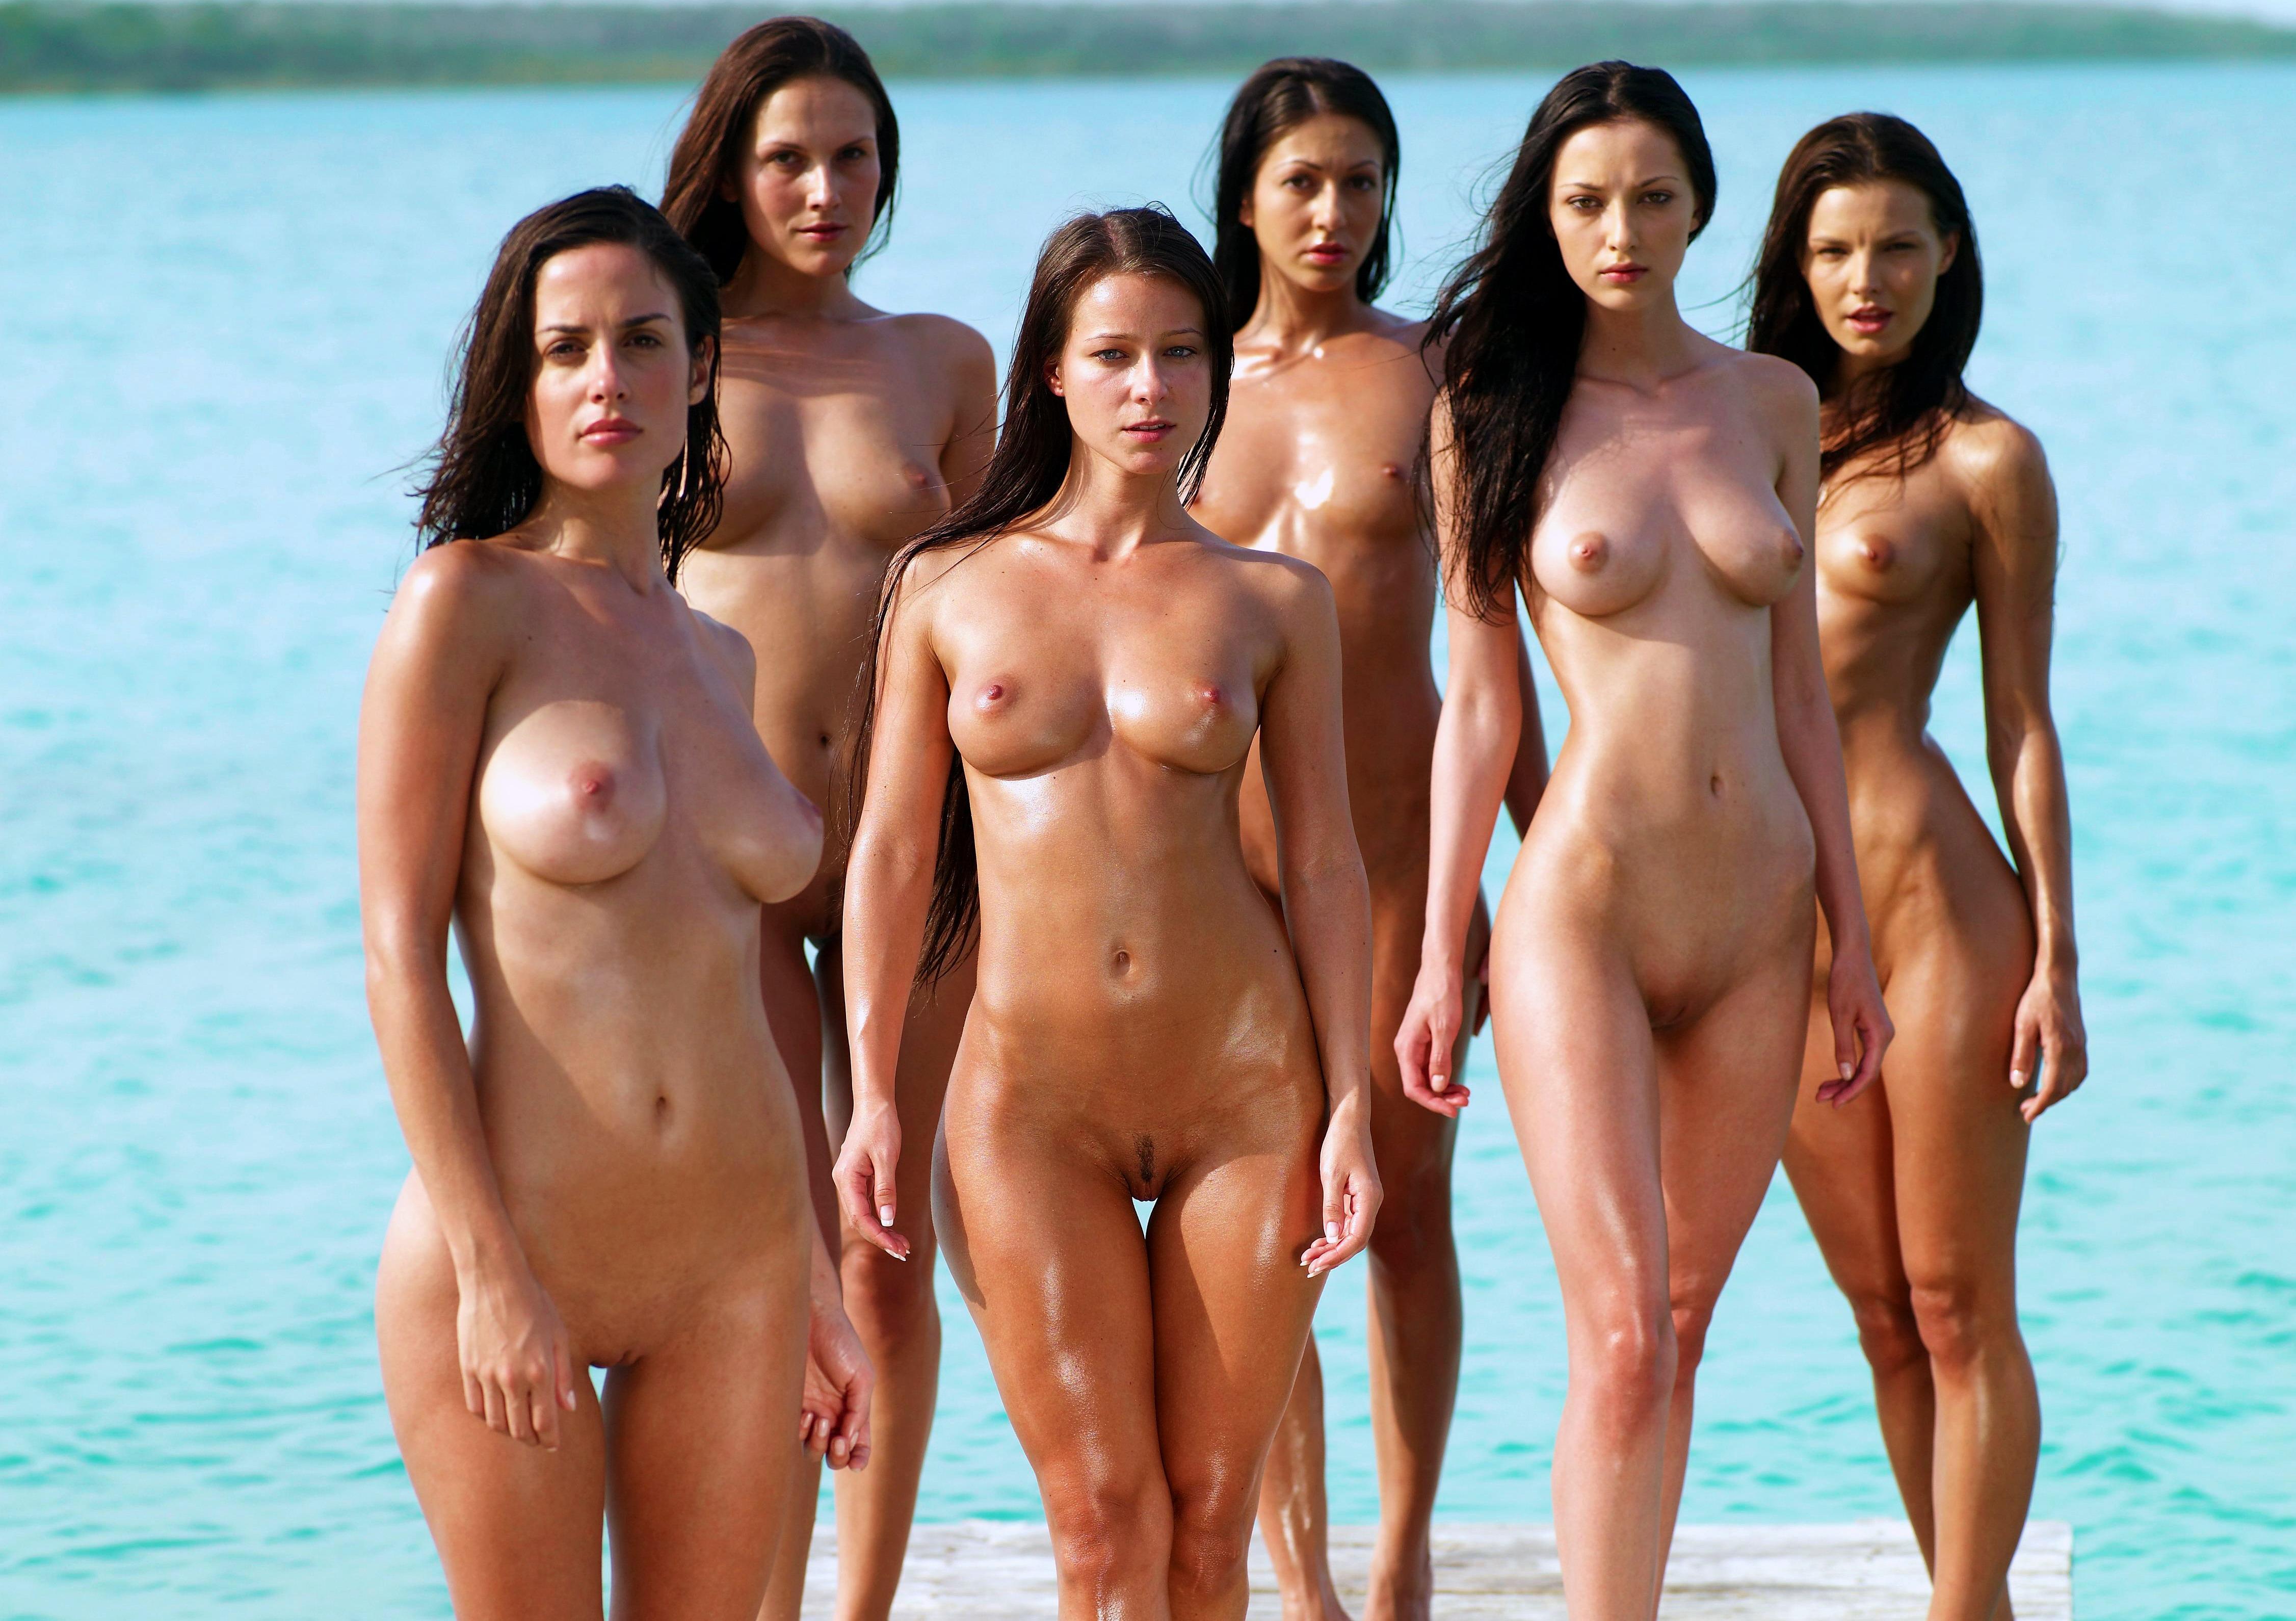 Голые Девушки На Пляже Фото Скачать